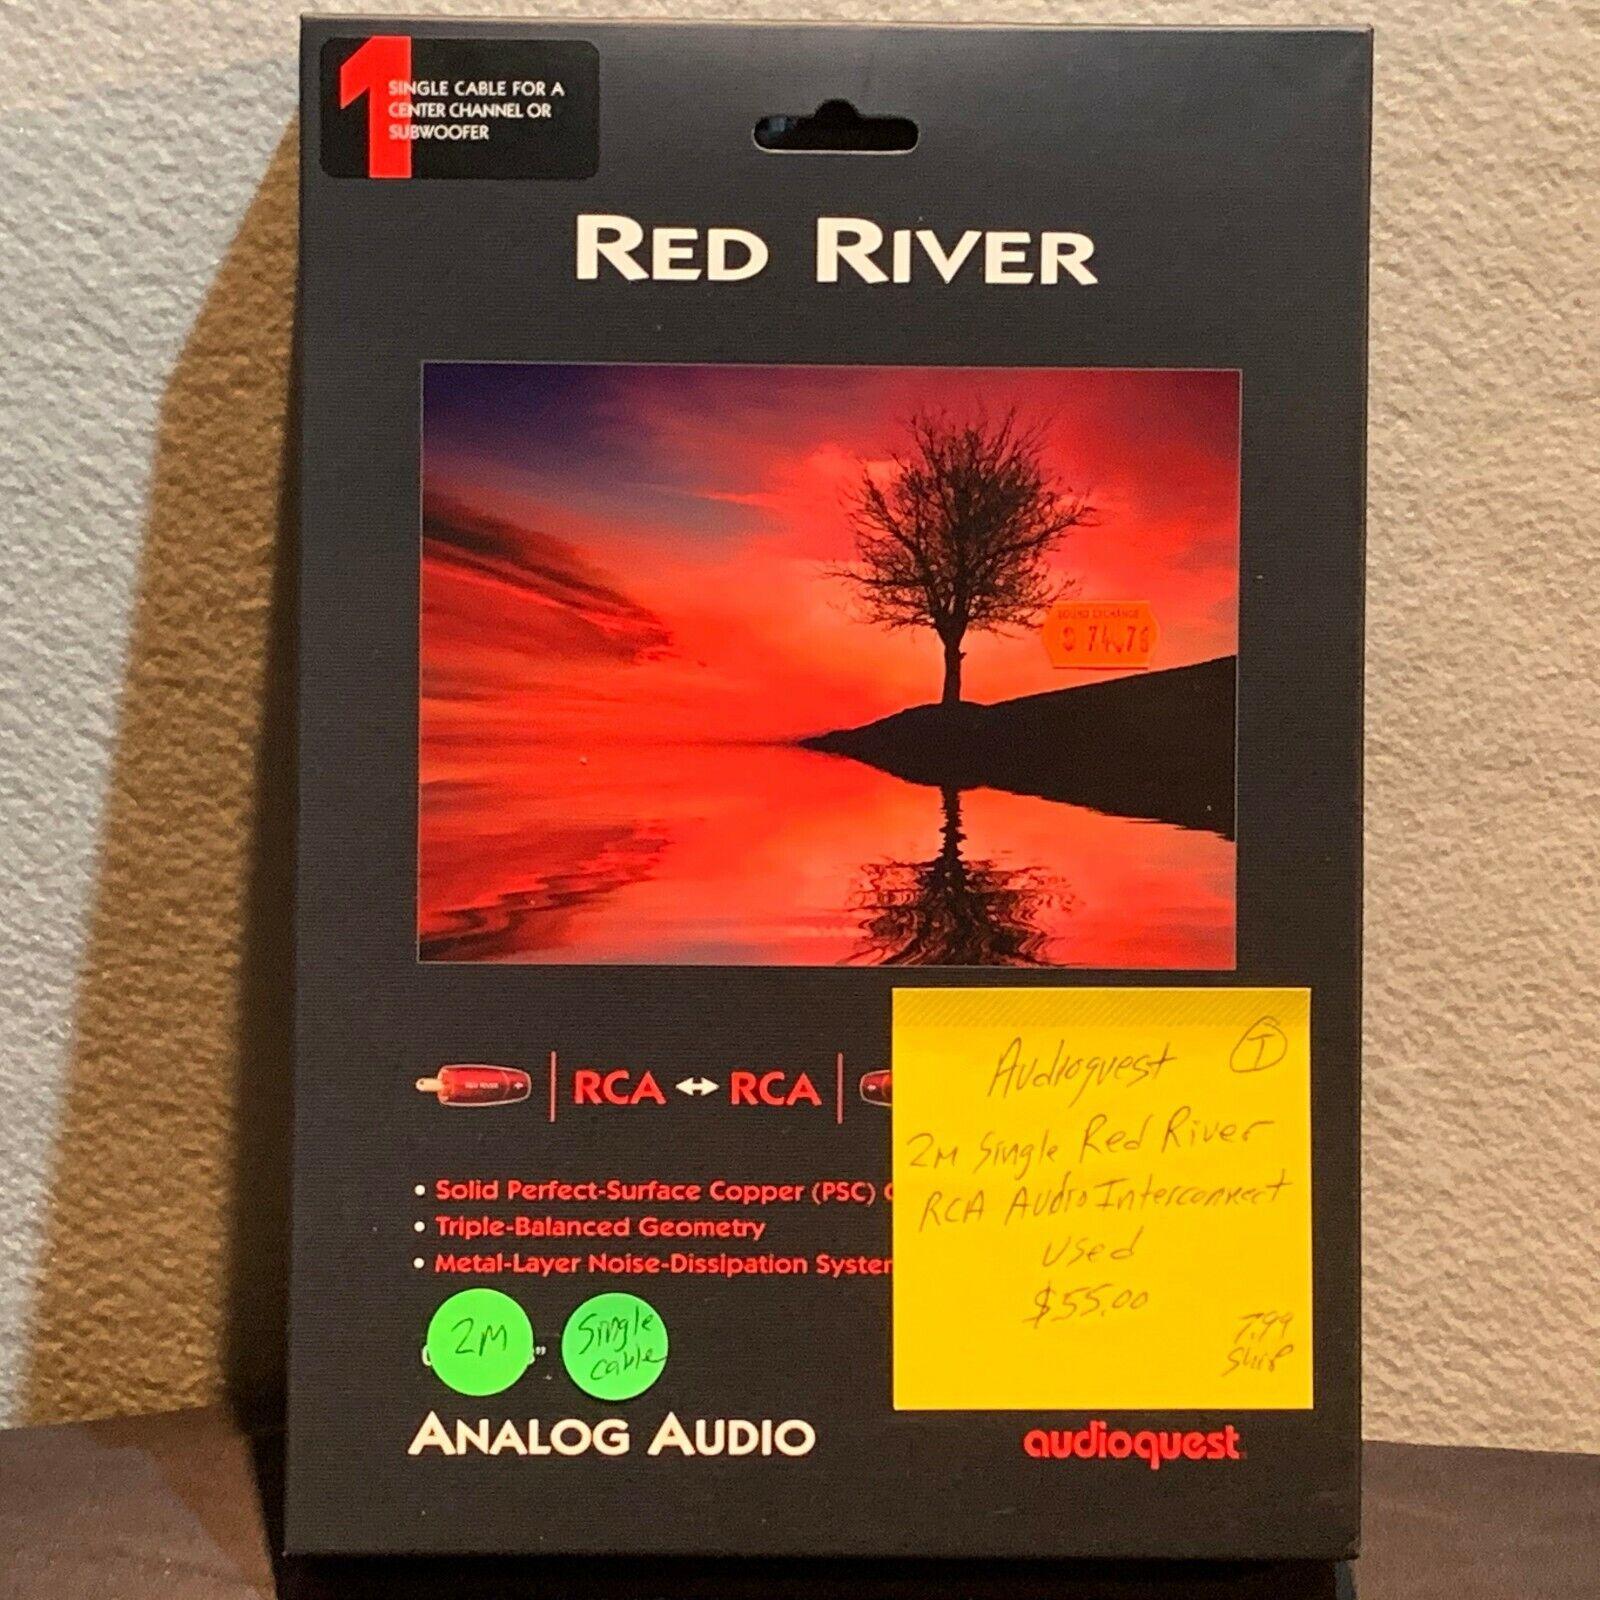 AudioQuest Red River XLR 2m PAIR